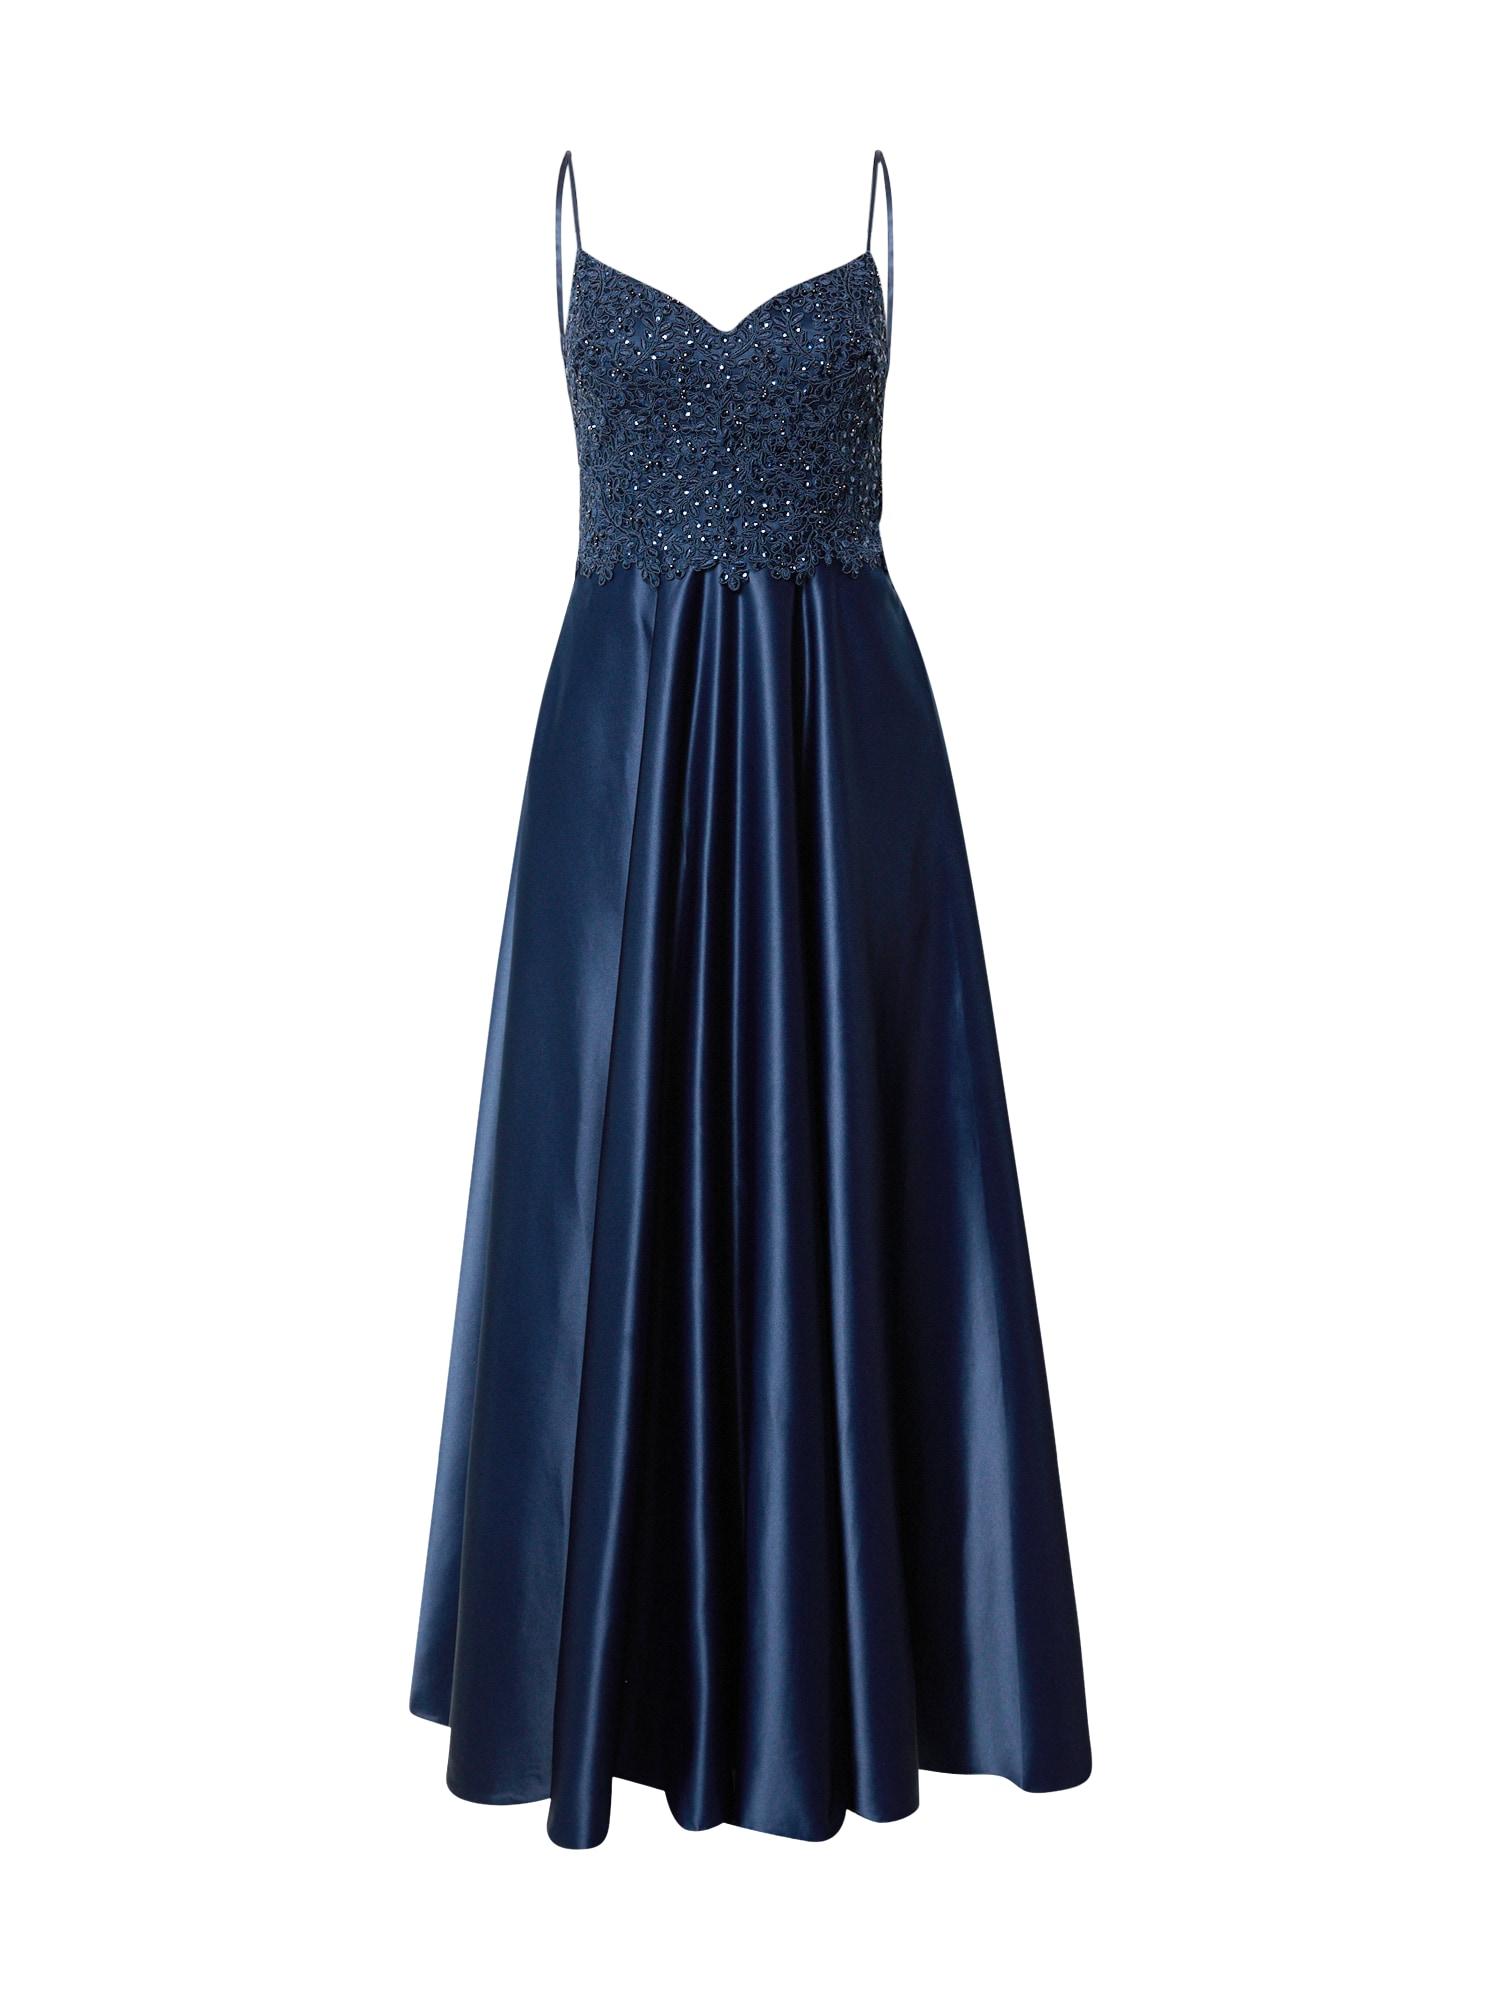 Unique Vakarinė suknelė nakties mėlyna